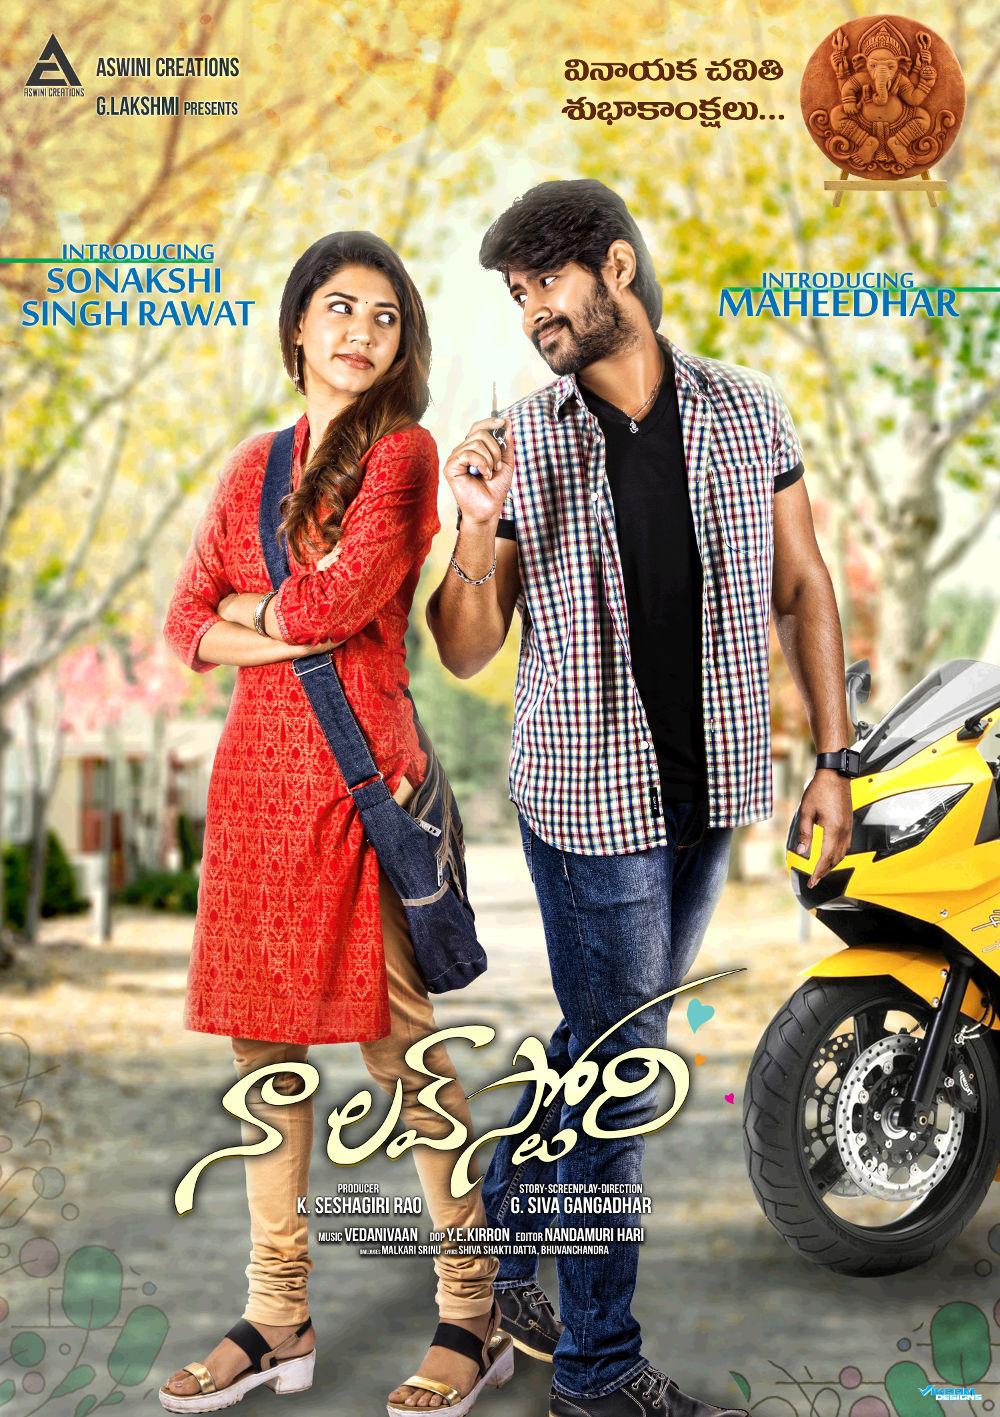 Sonakshi Singh Rawat Maheedhar Naa Love Story Movie Vinayaka Chavithi Wishes Poster